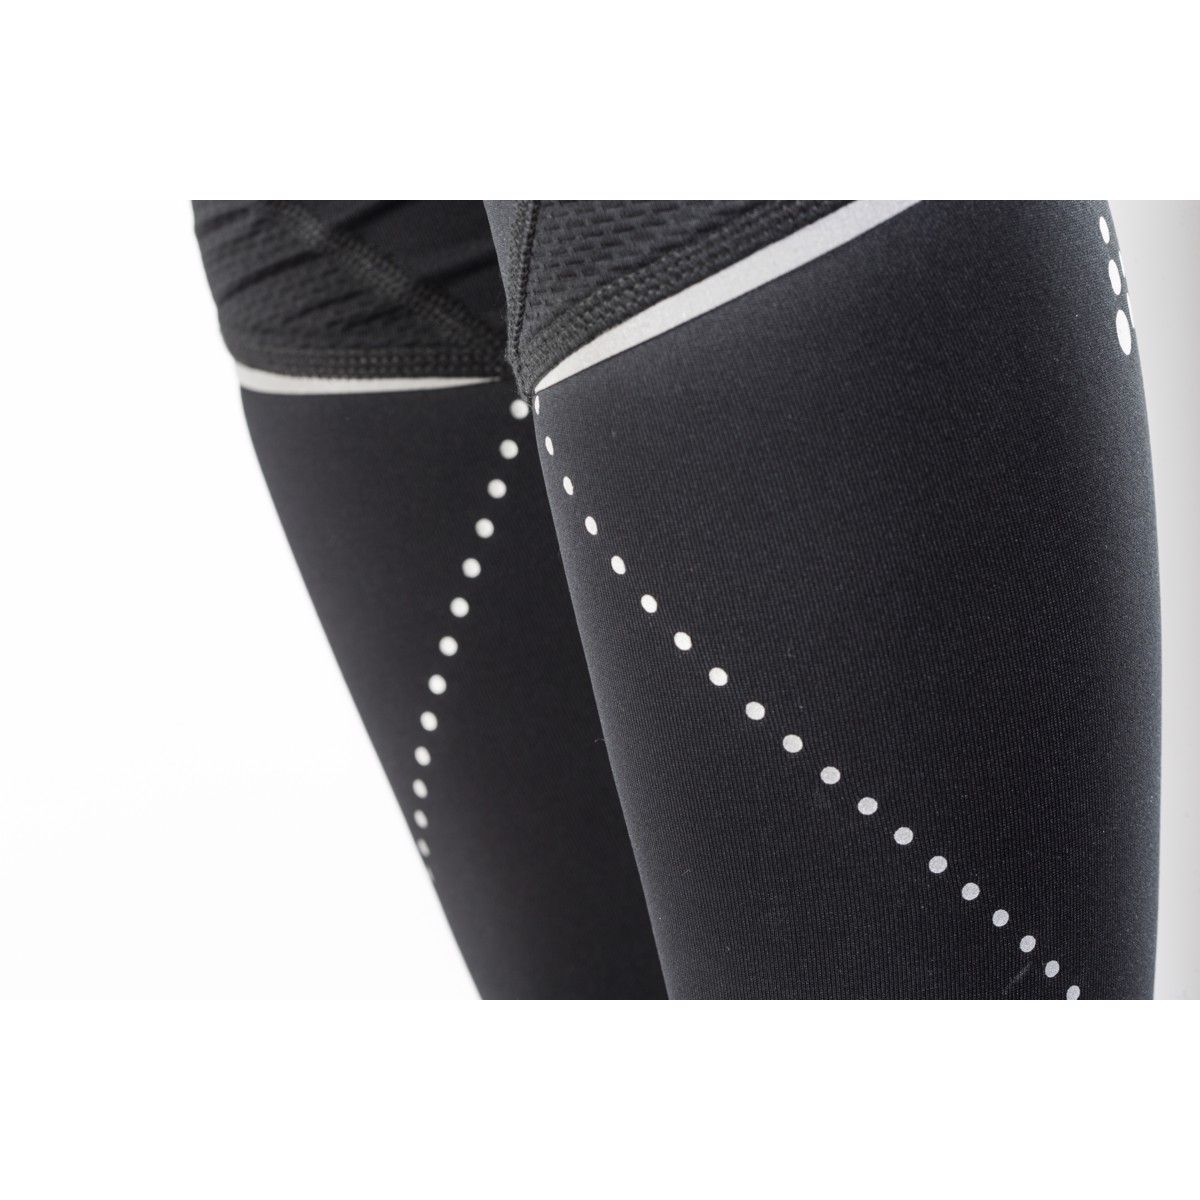 Craft - W Kalhoty CRAFT Essential Tights černá 0c2f77ac08